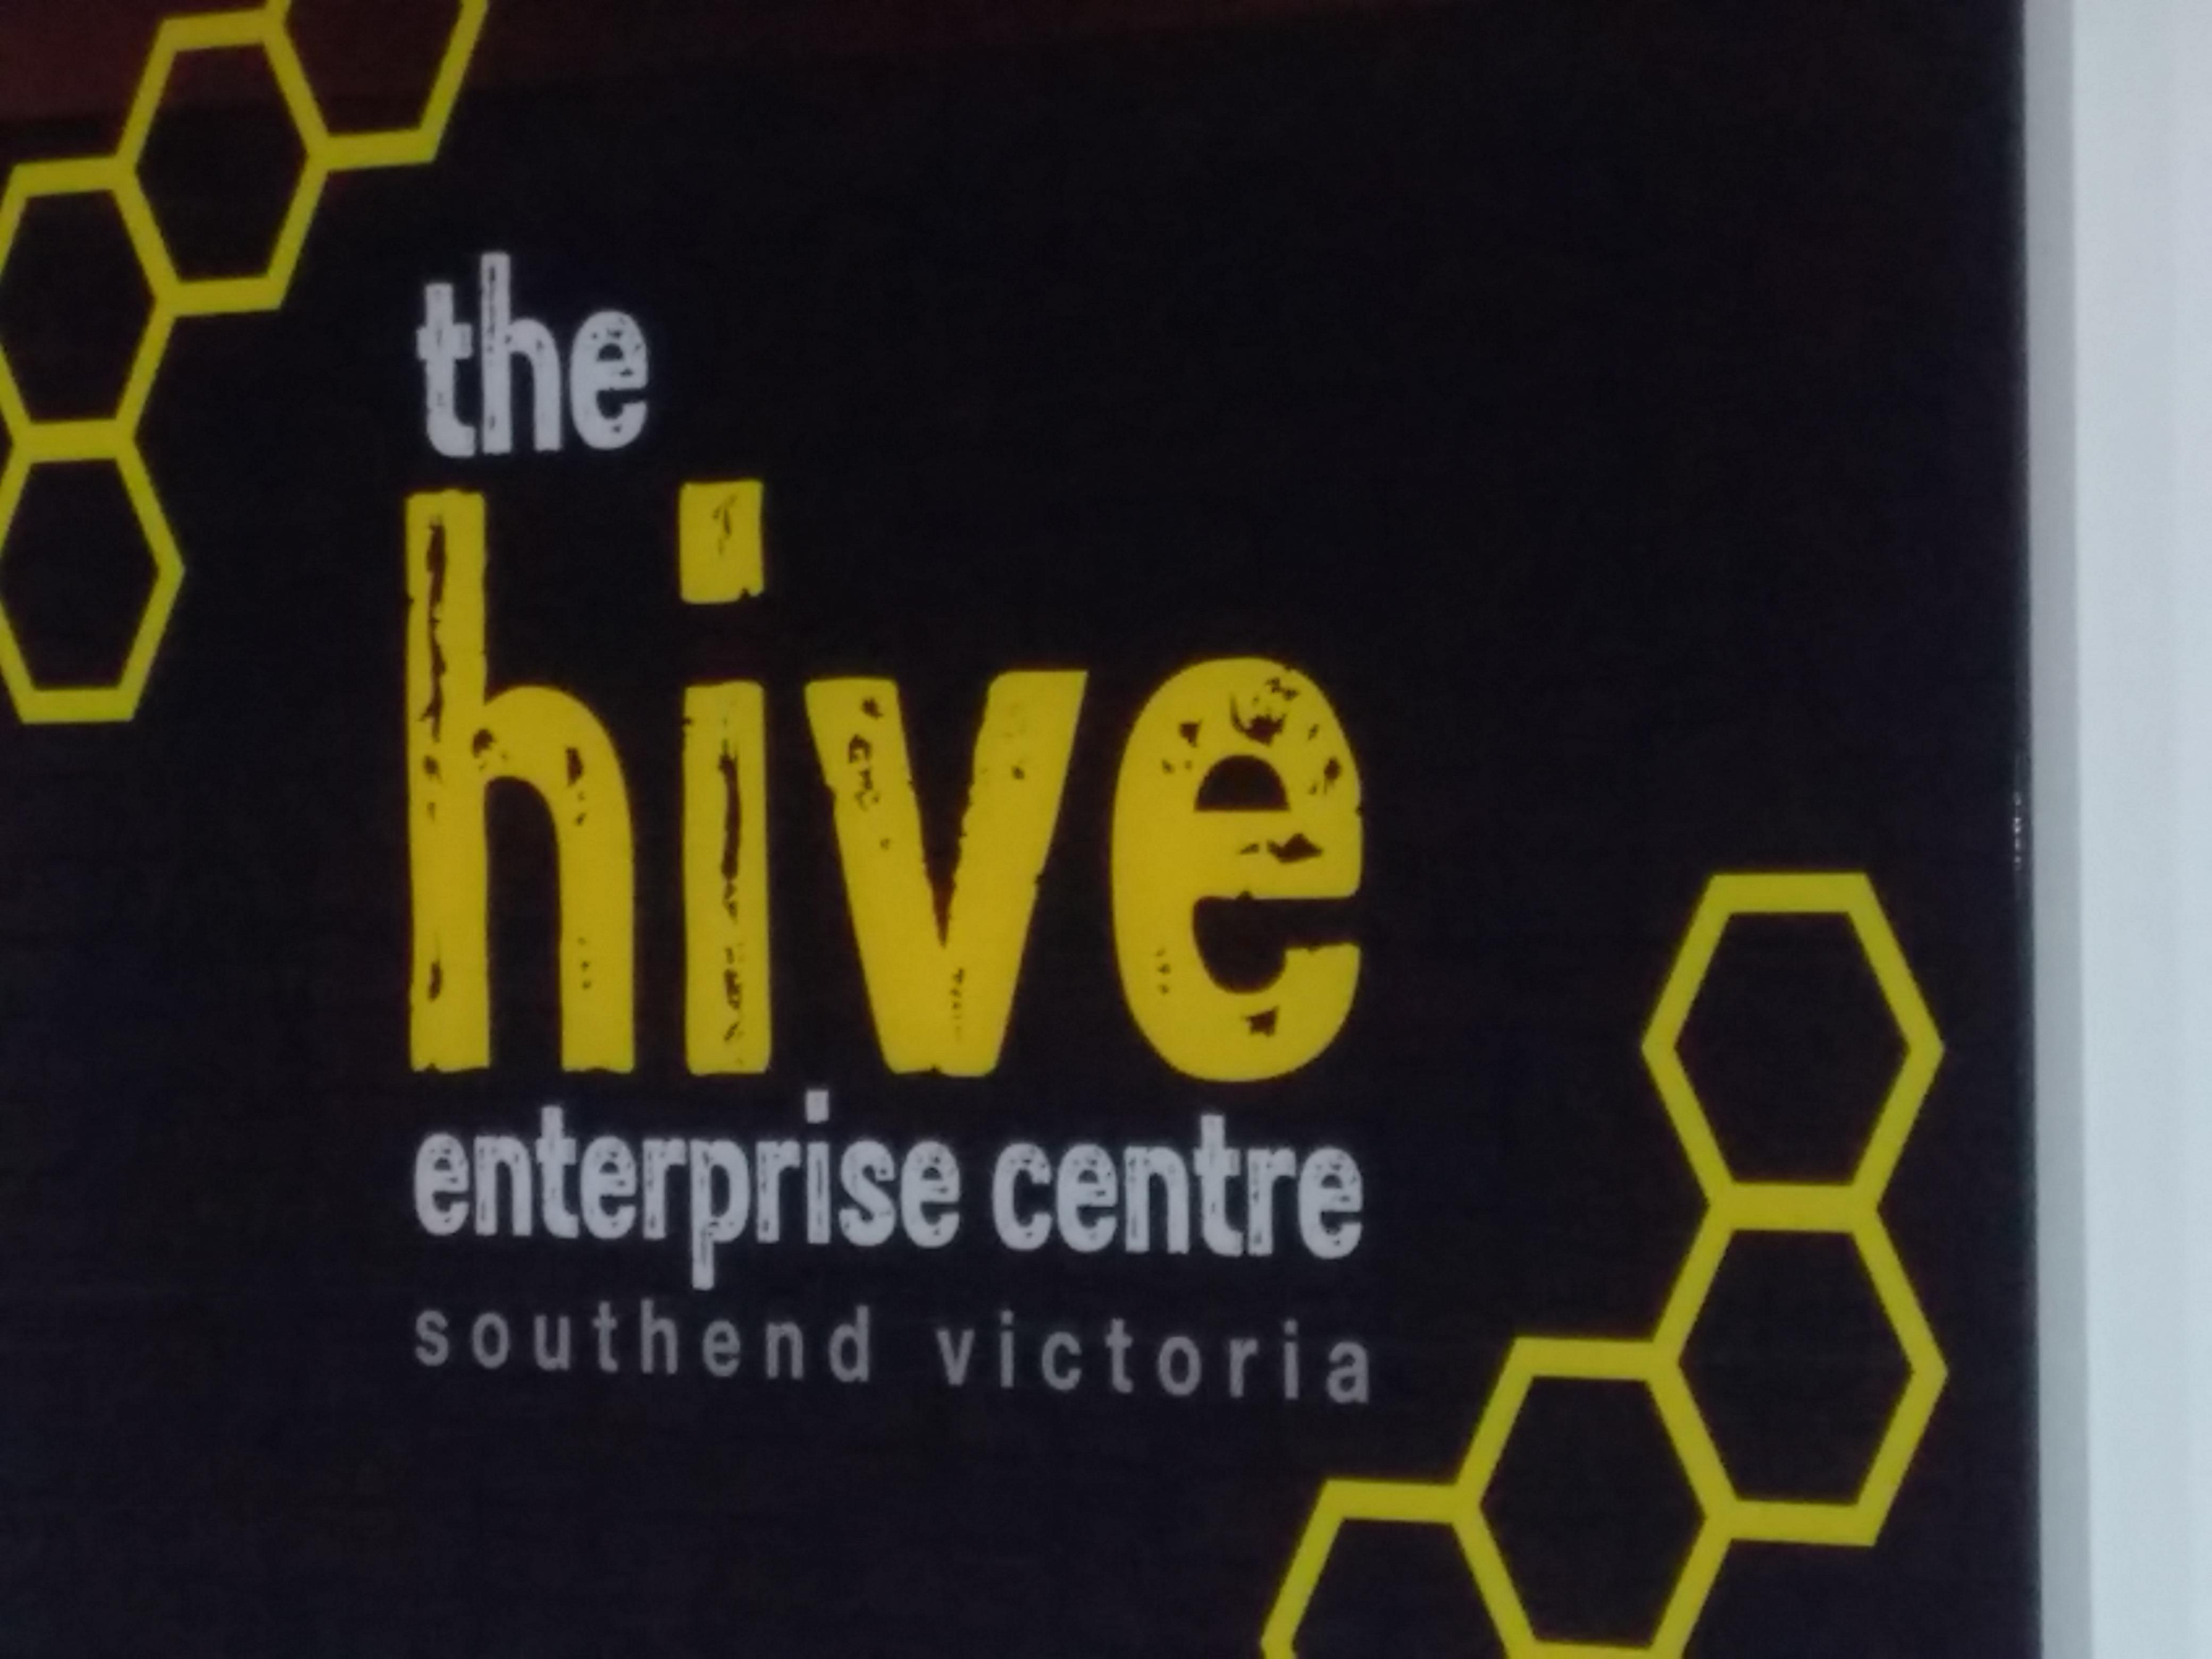 The Hive Enterprise Centre (Southend Victoria)